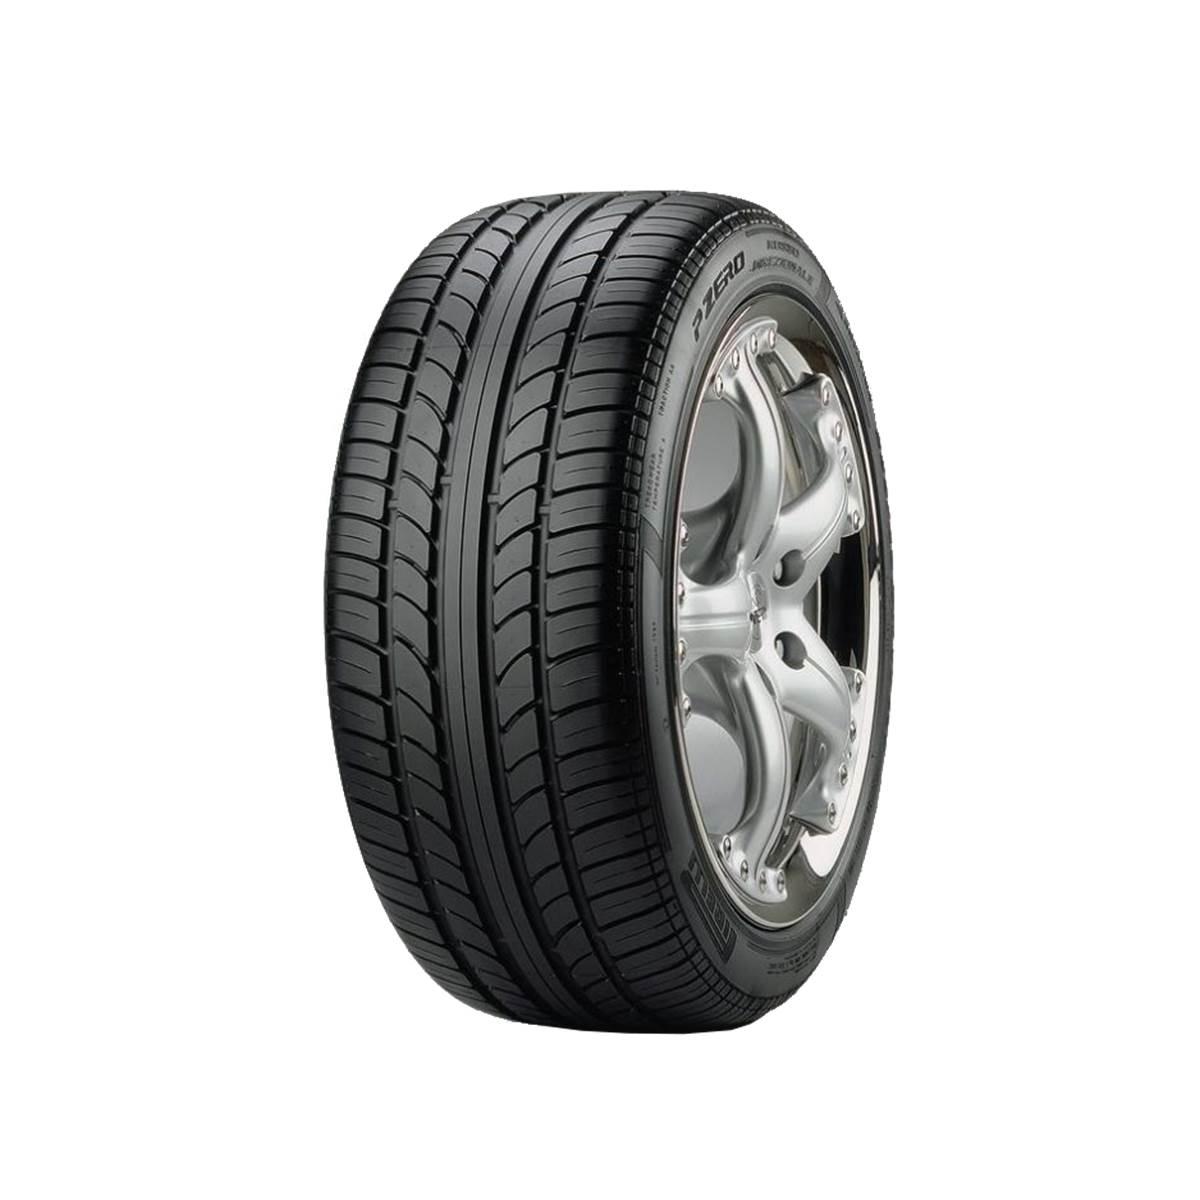 Pneu Pirelli 255/40R18 95Y Pzero Rosso Direzionale